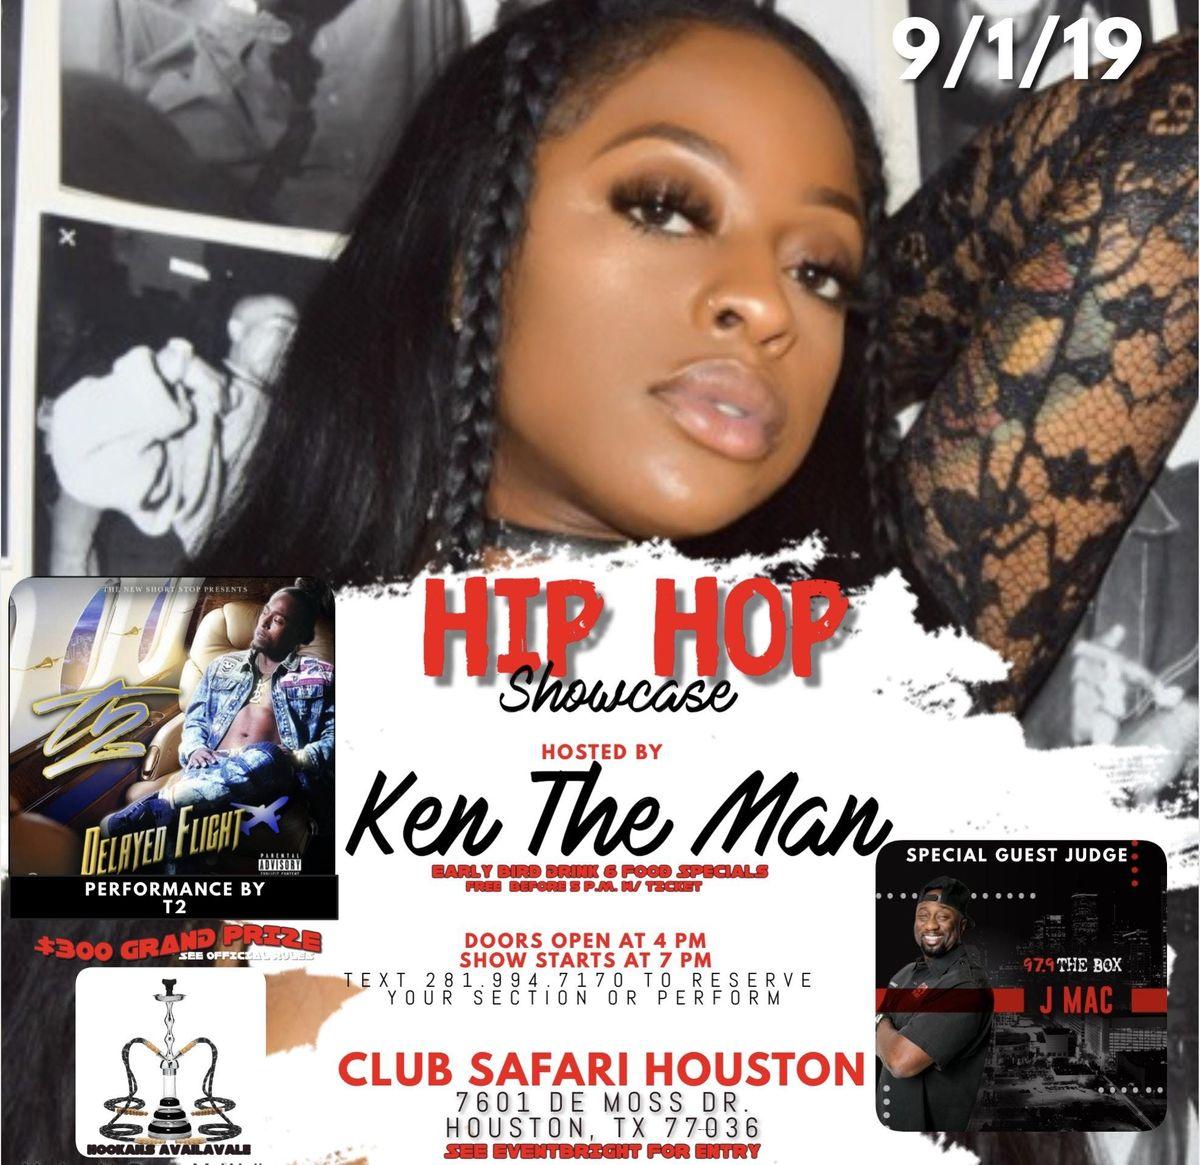 HIP HOP SHOWCASE W/ KEN THE MAN at Club Safari Houston, Houston